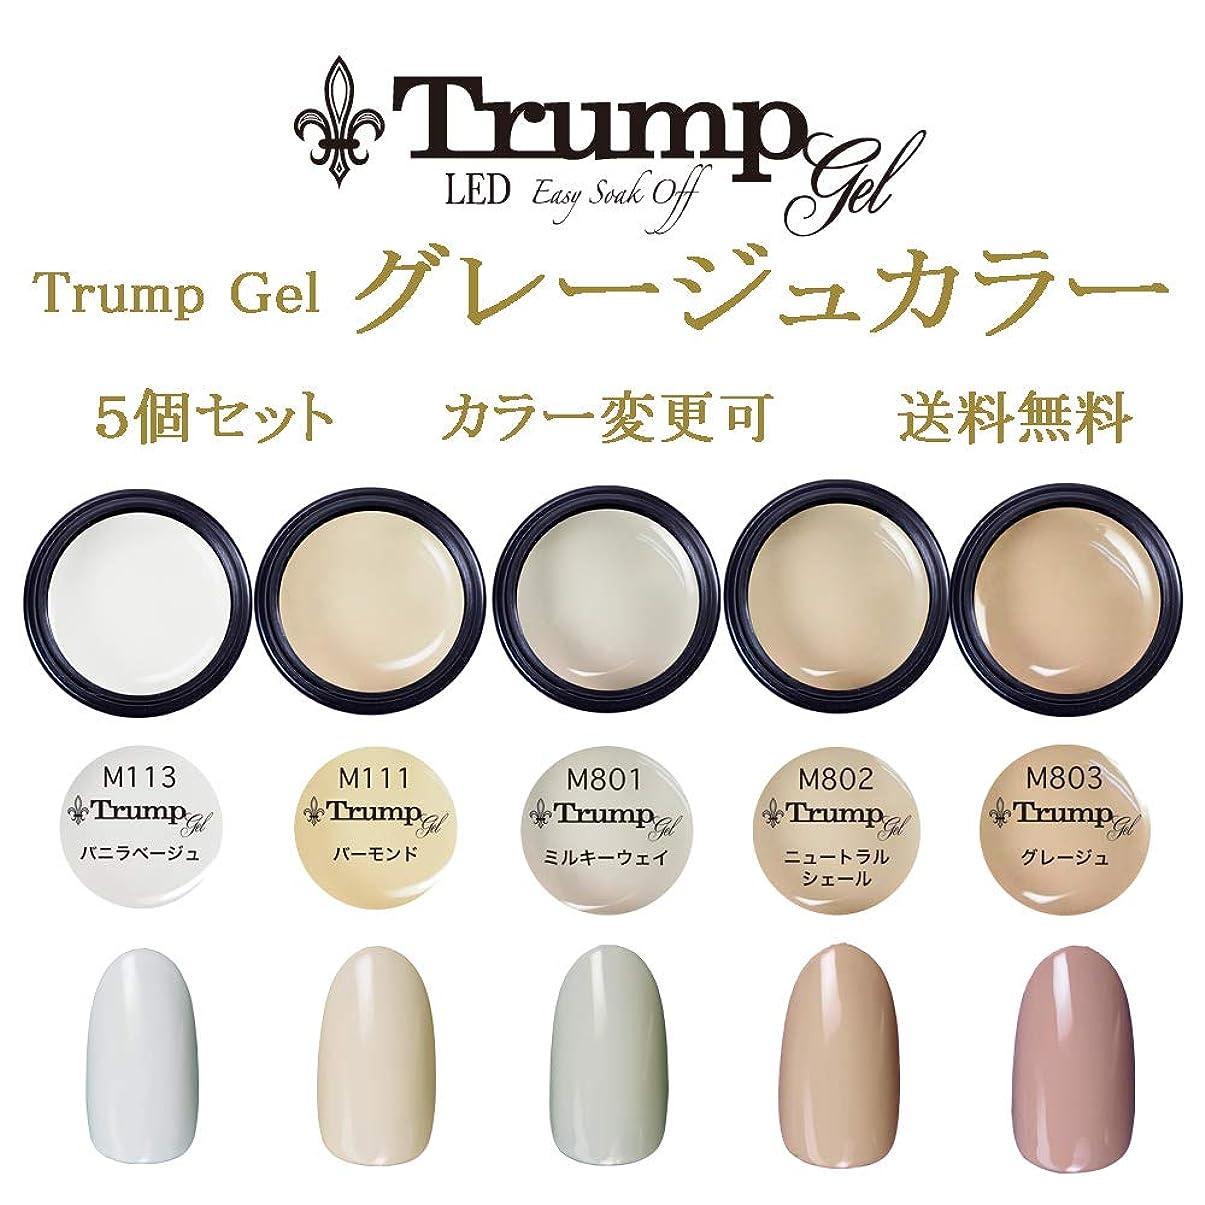 新年選挙キャプテン日本製 Trump gel トランプジェル グレージュカラー 選べる カラージェル 5個セット ホワイト ベージュ ピンク スモーク